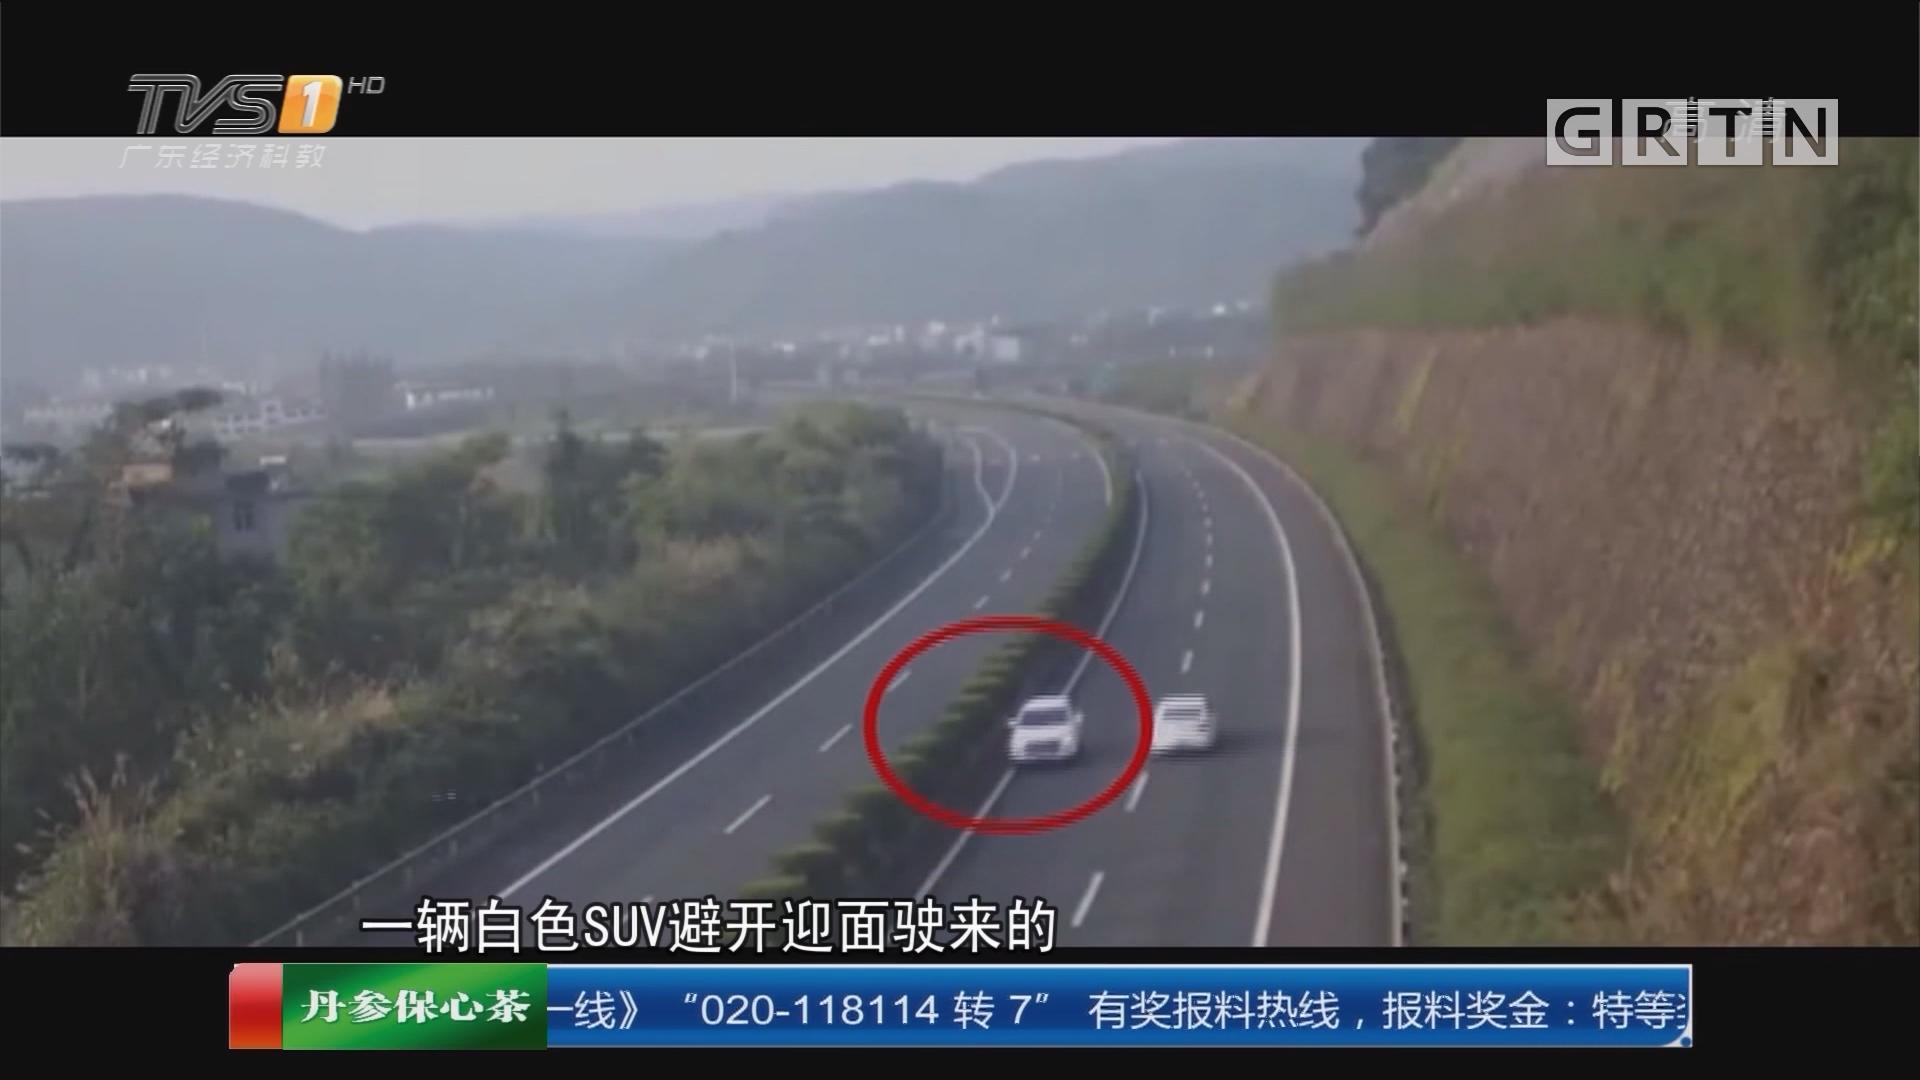 杭州:高速超车道上疯狂逆行二十公里